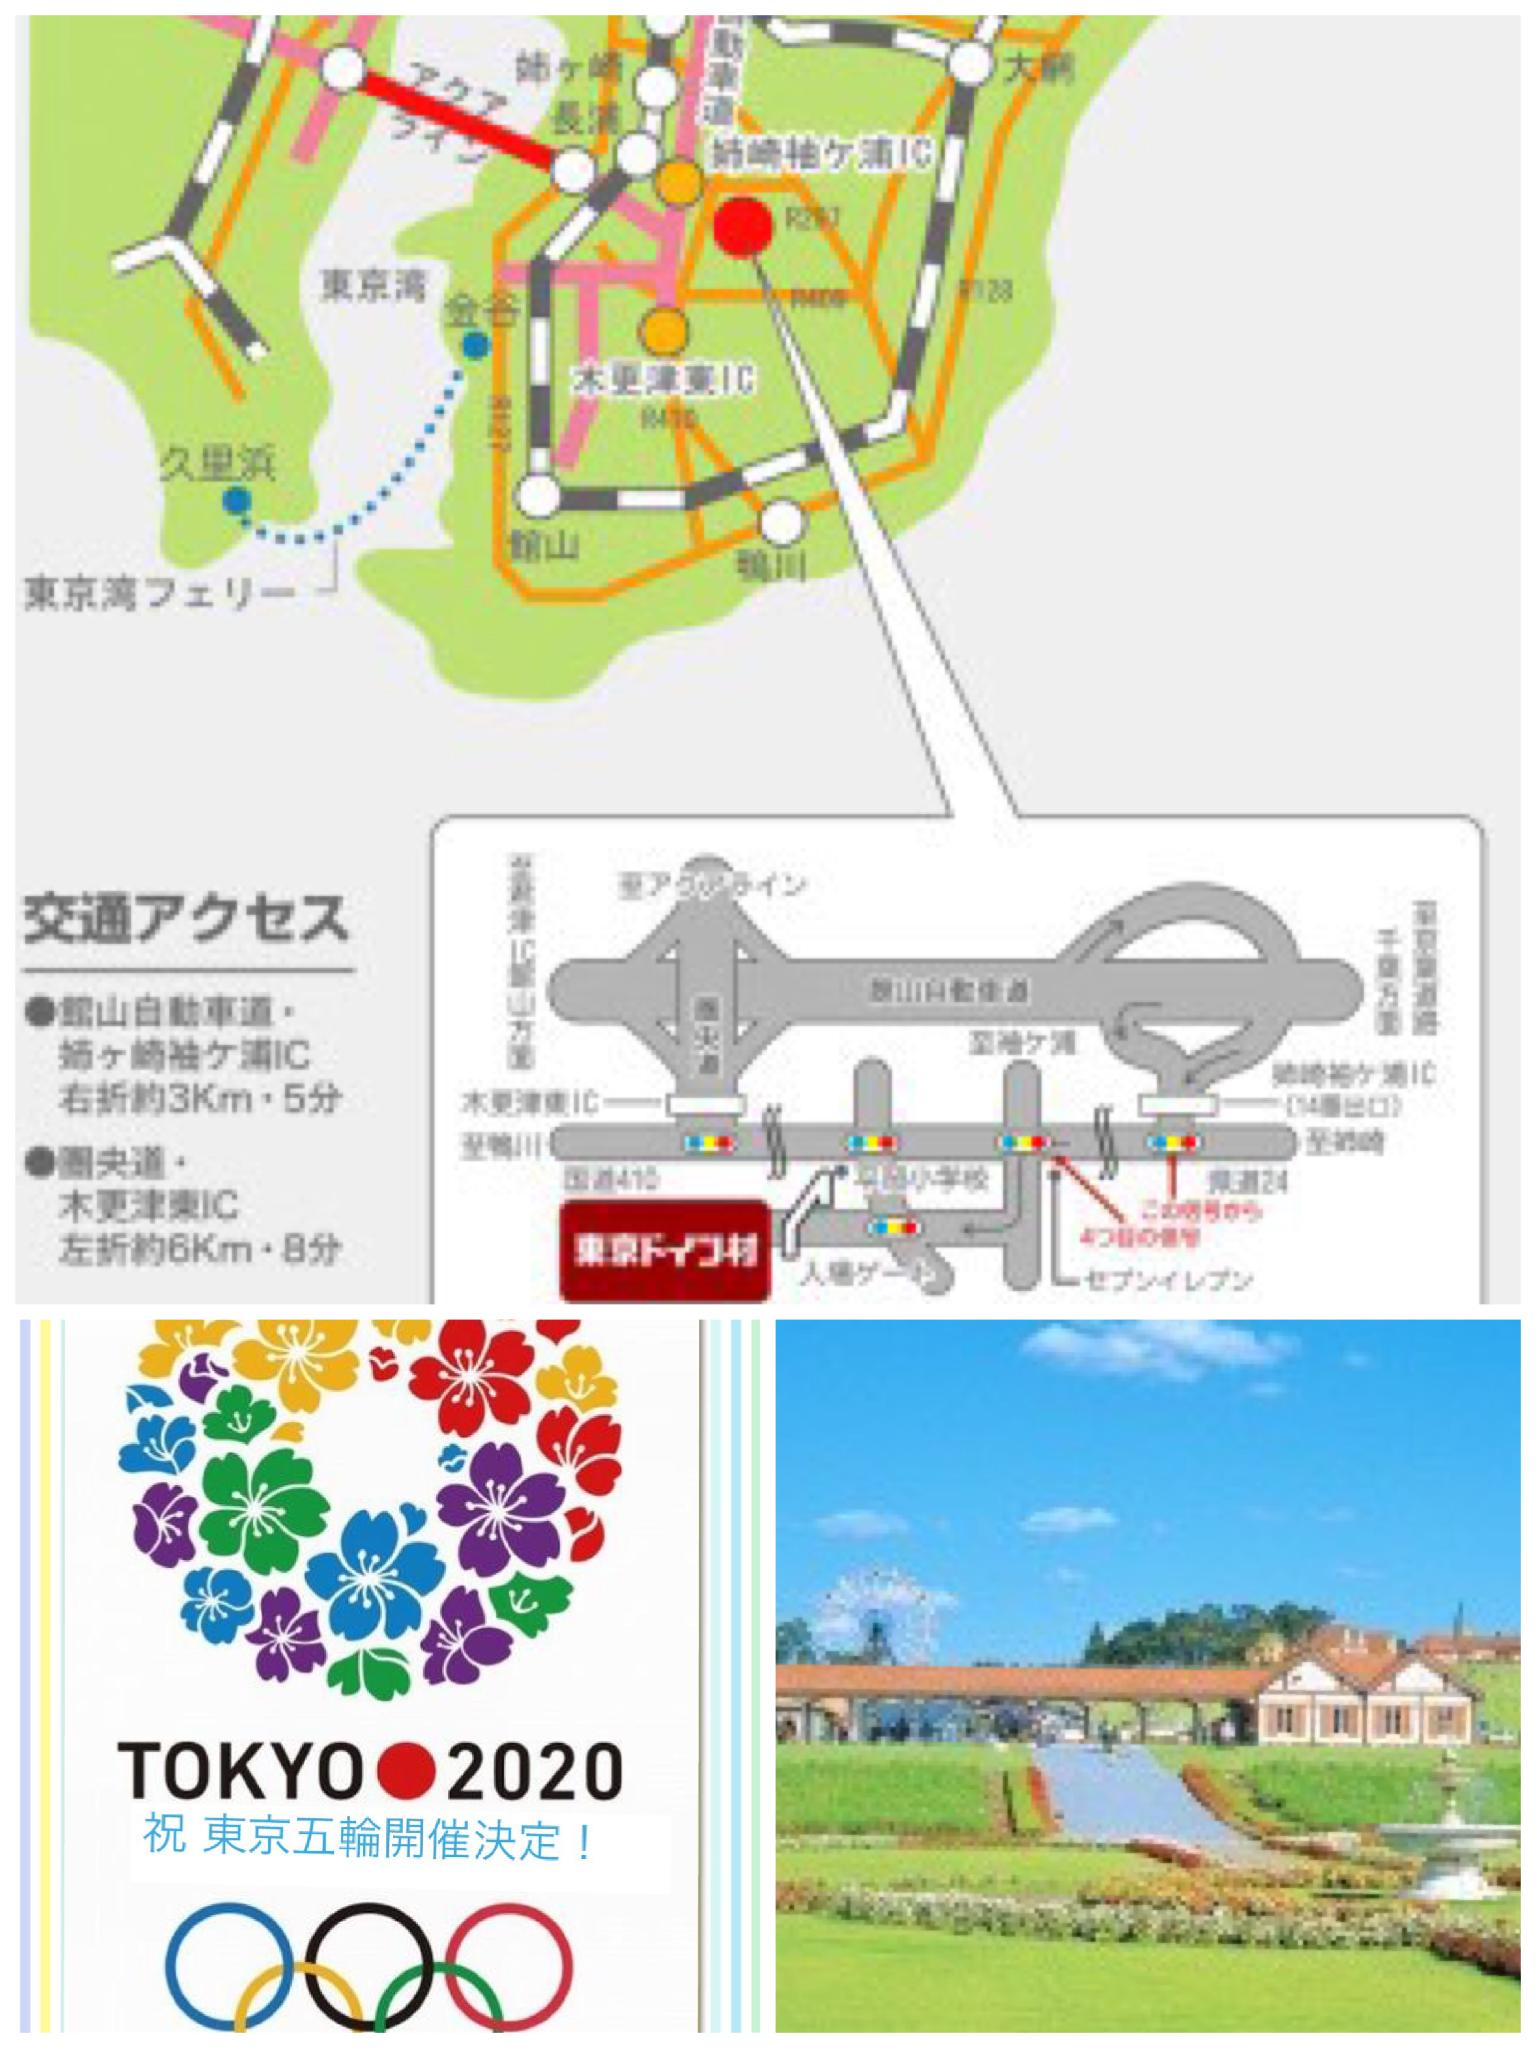 東京ドイツ村 クルマの撮影スポット